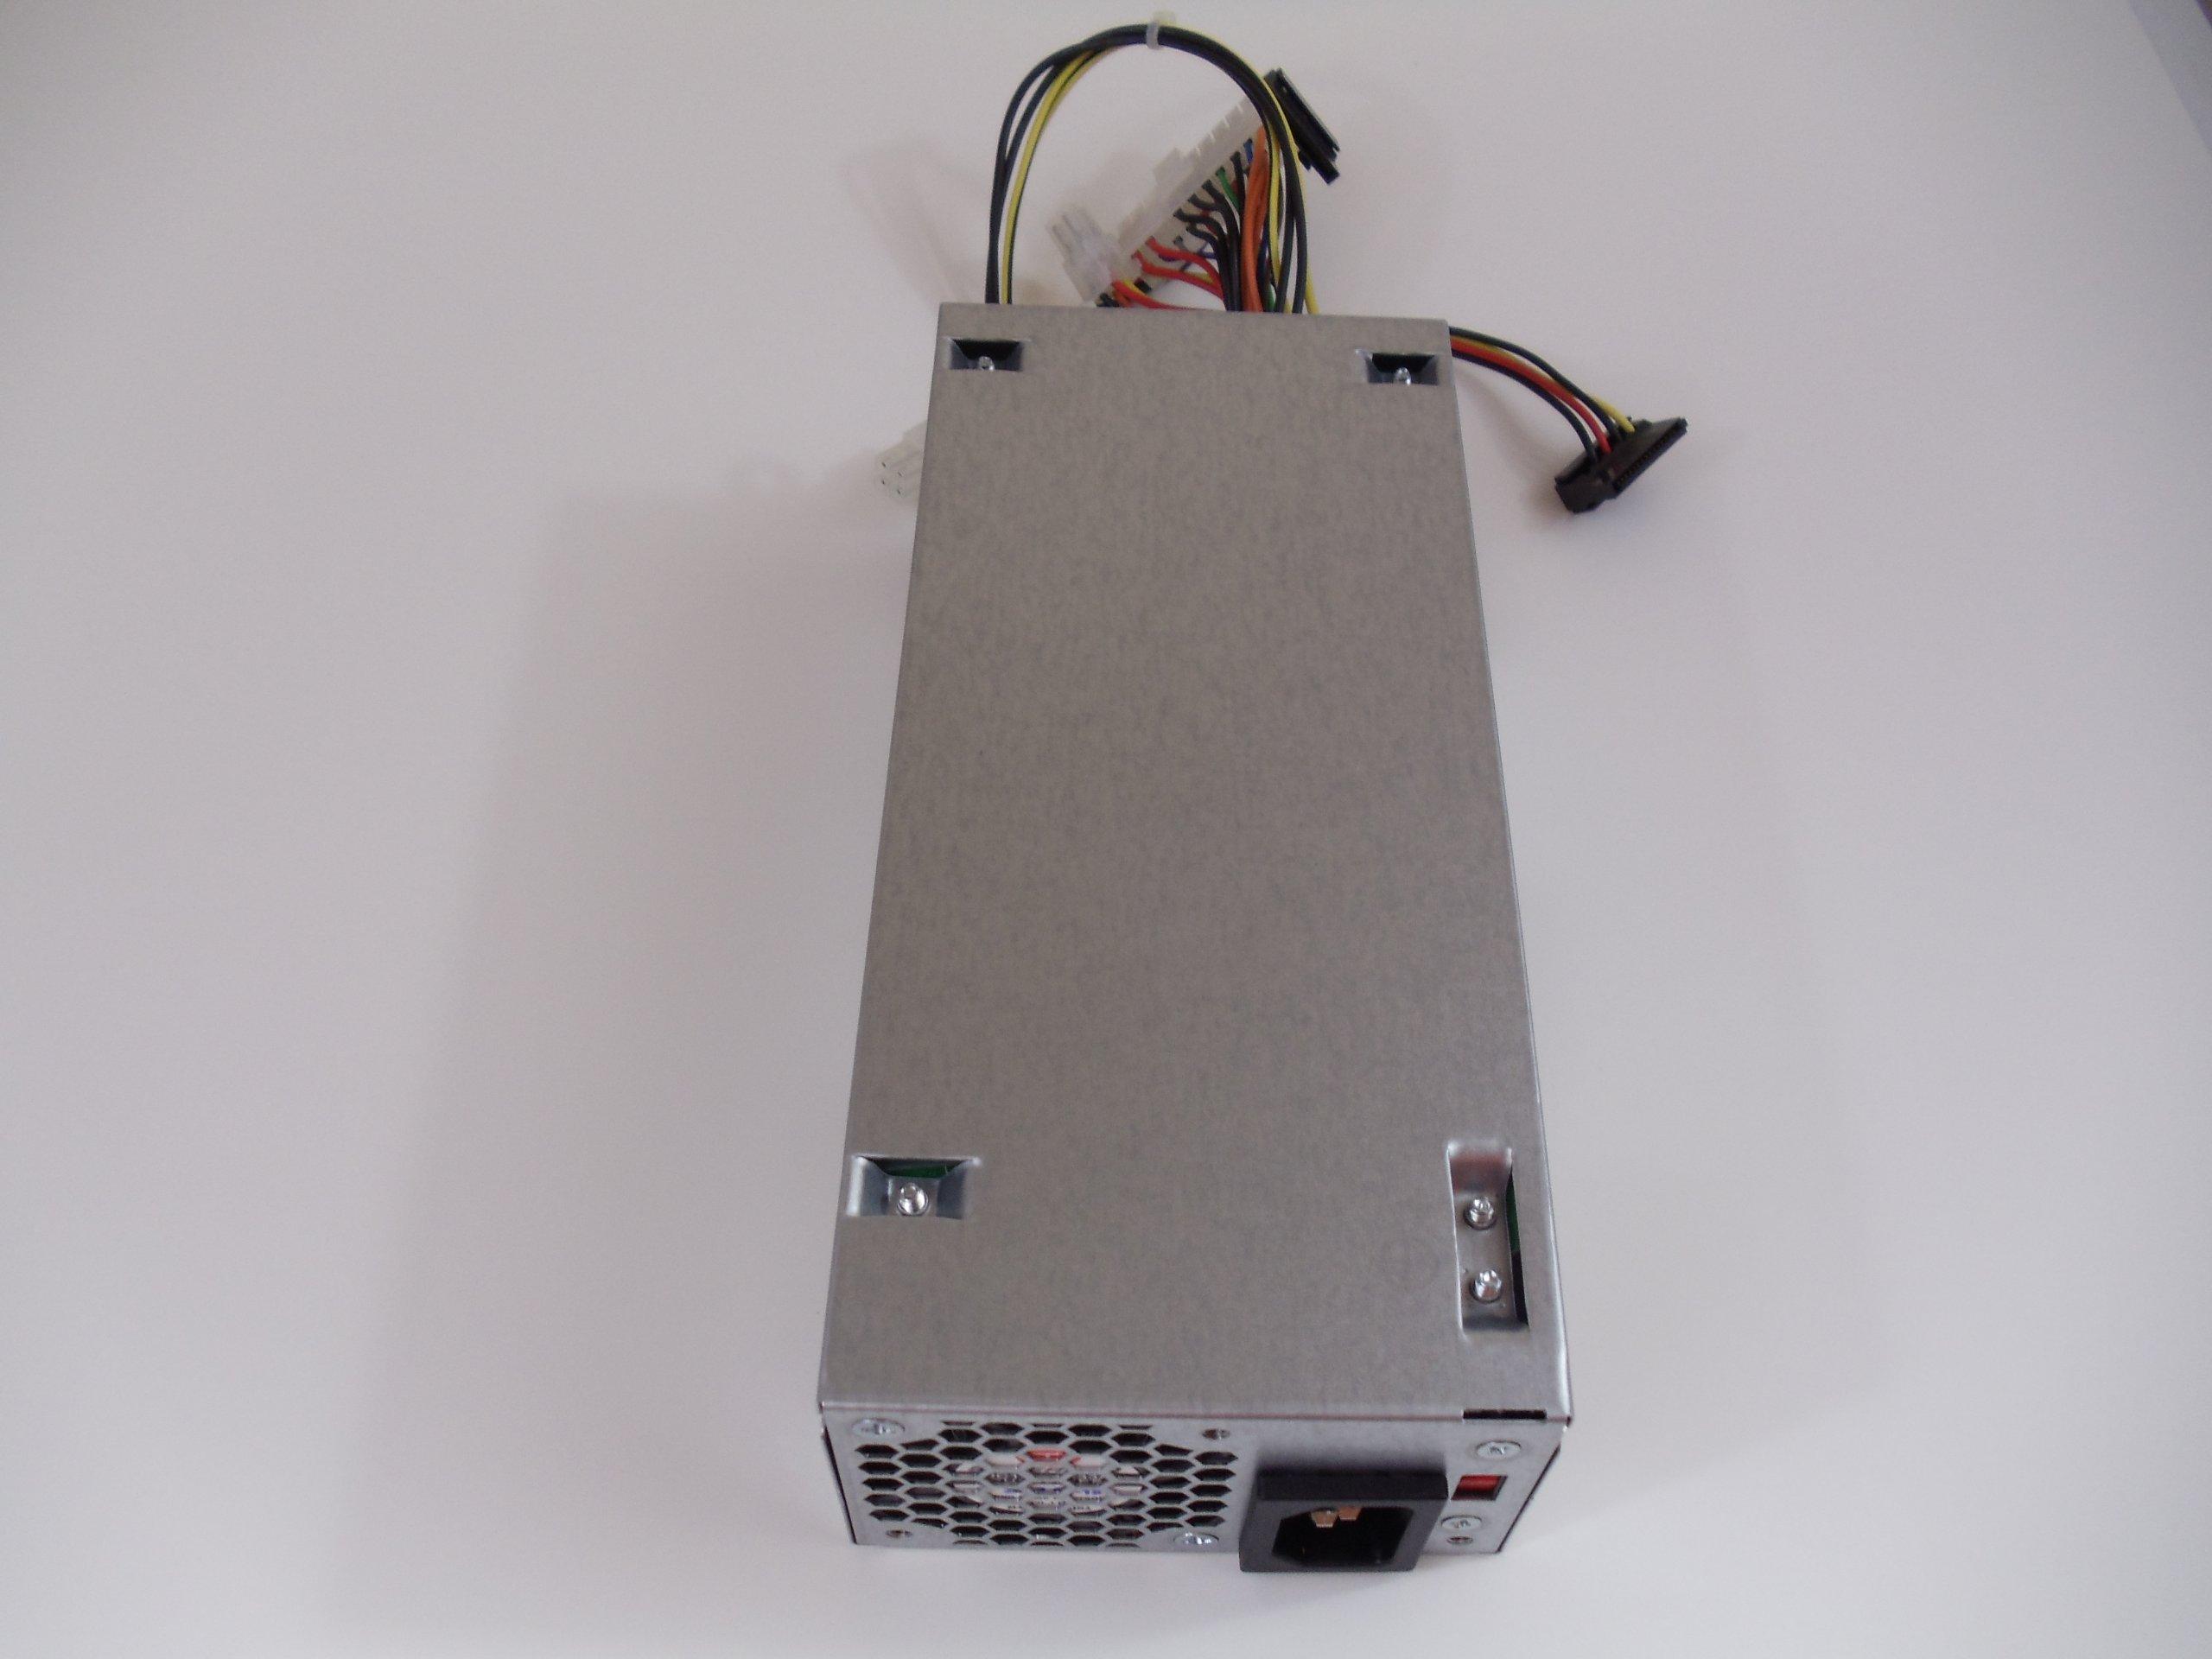 New Genuine Acer Aspire X1700 X1800 X1900 X1920 X3100 X3200 Power Supply 220W